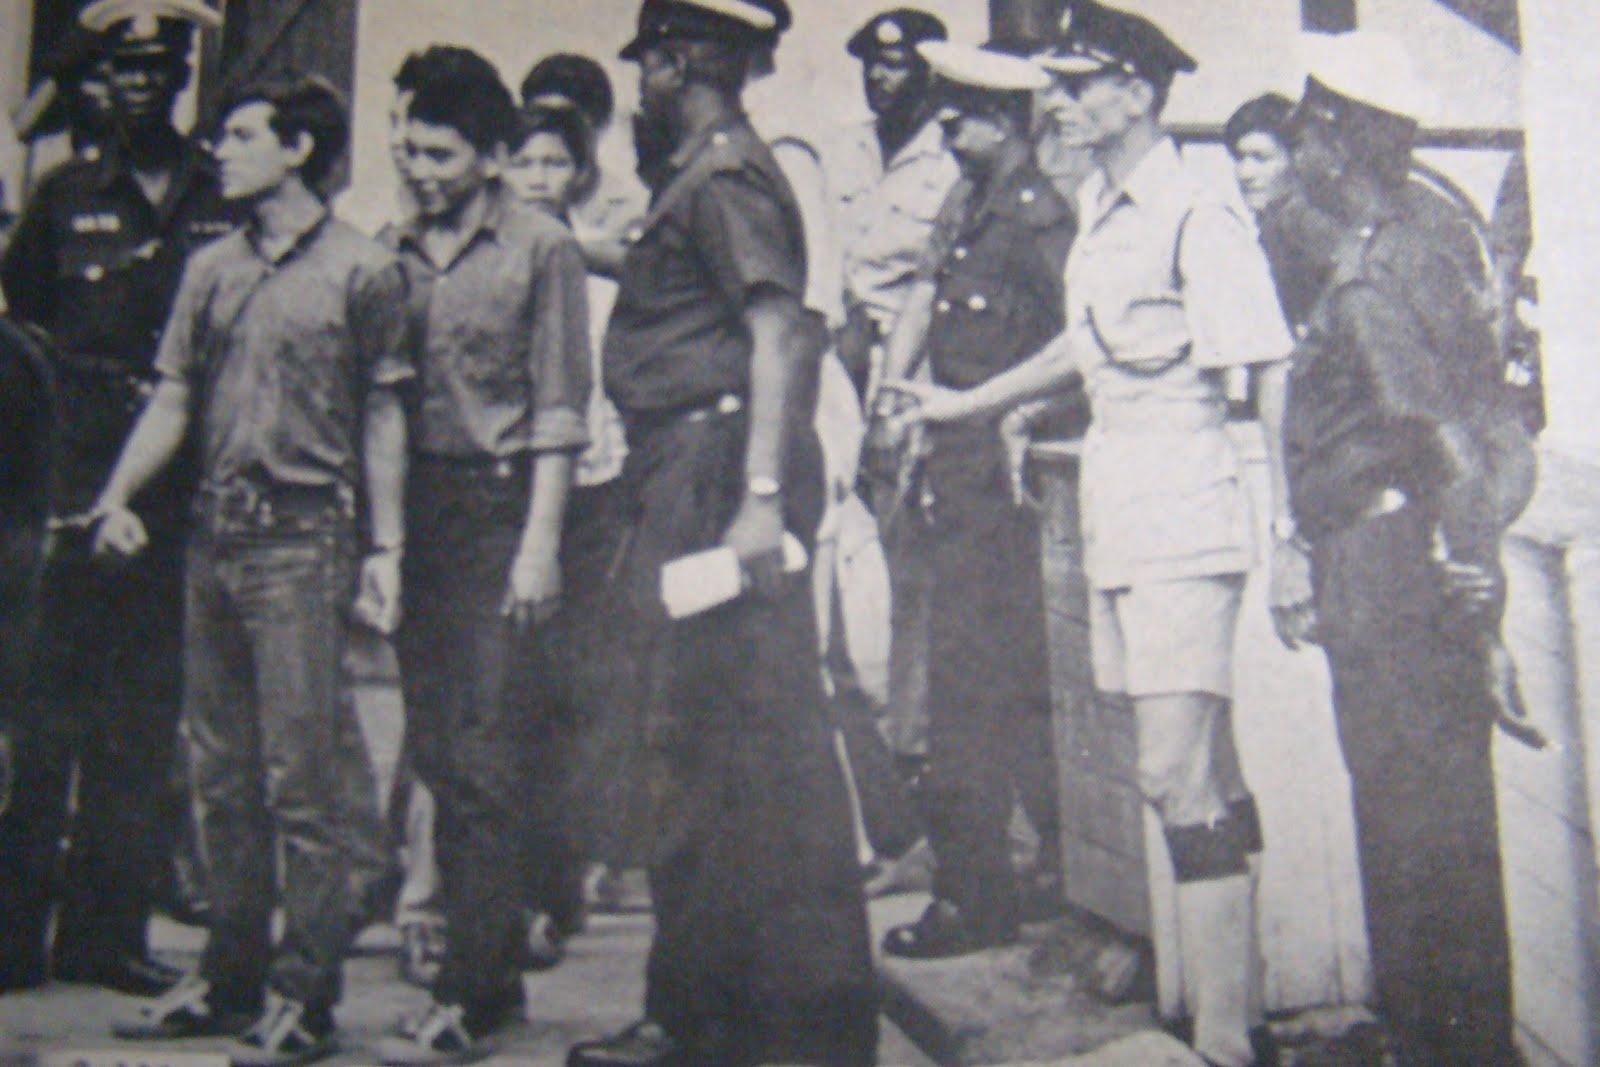 Union de de curacao, bonaire, aruba/ trinidad y tobago a Venezuela - Página 4 09-08-08%2B197